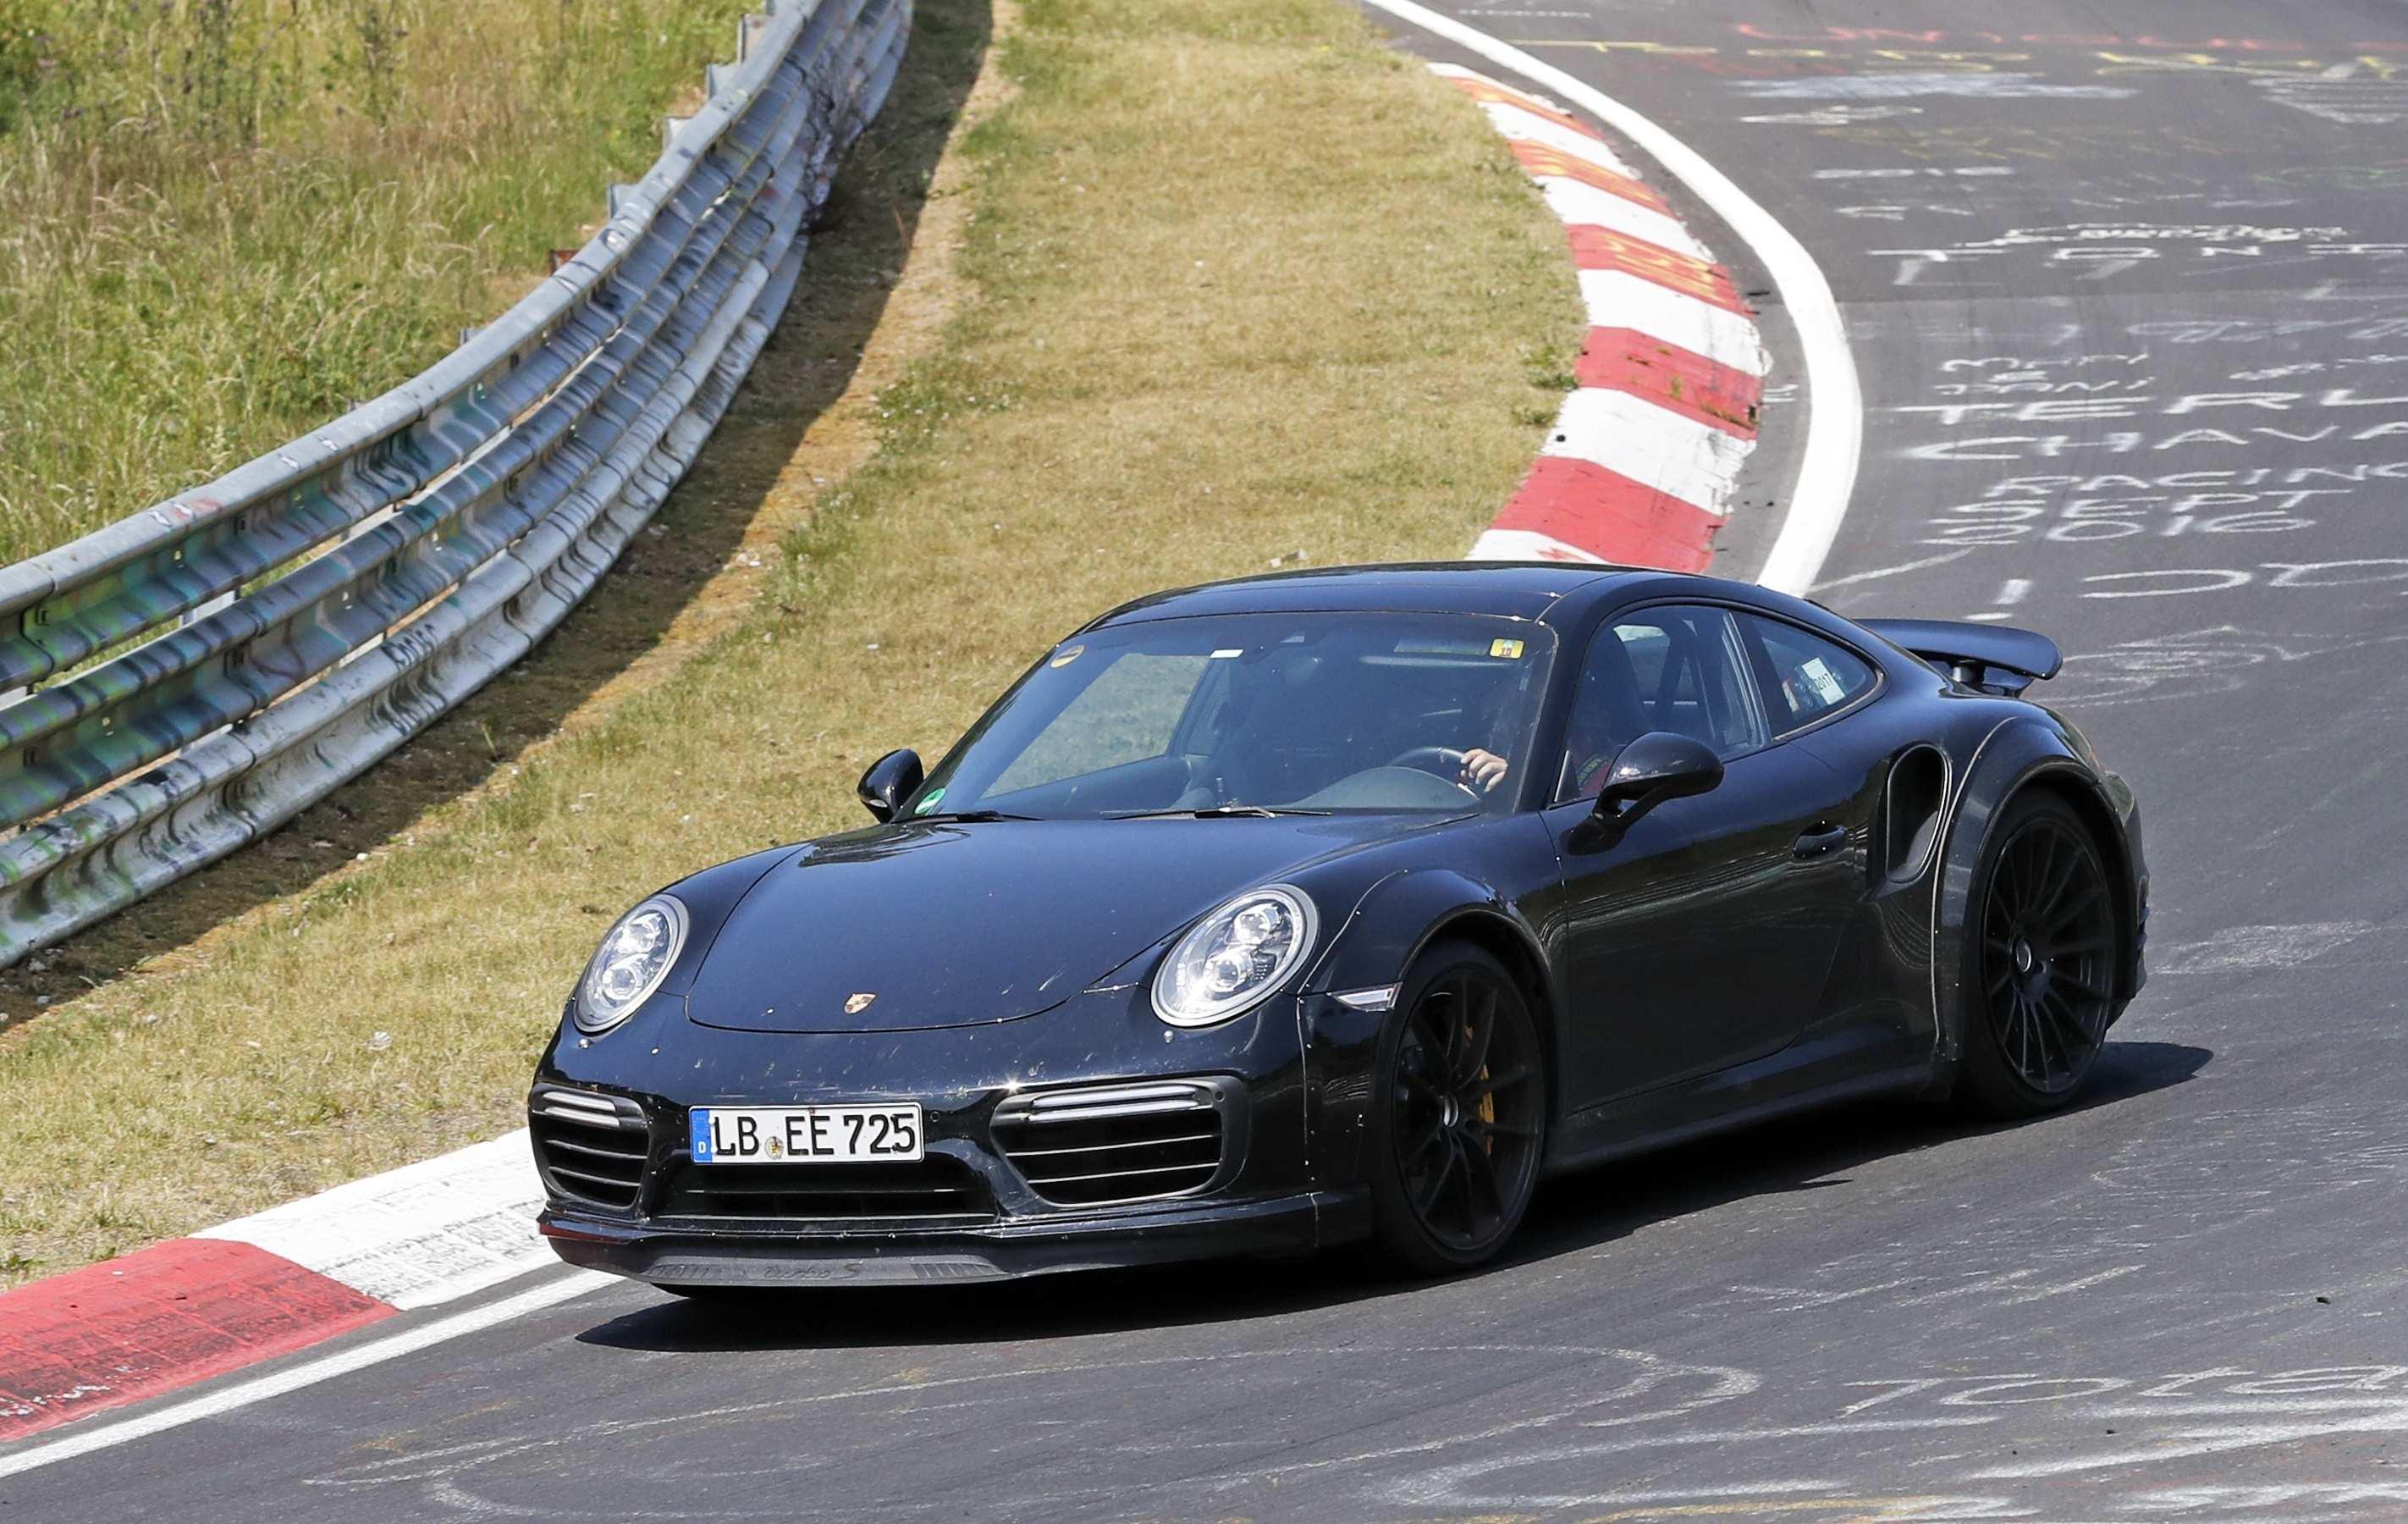 88 New 2020 Porsche Turbo S Release Date for 2020 Porsche Turbo S